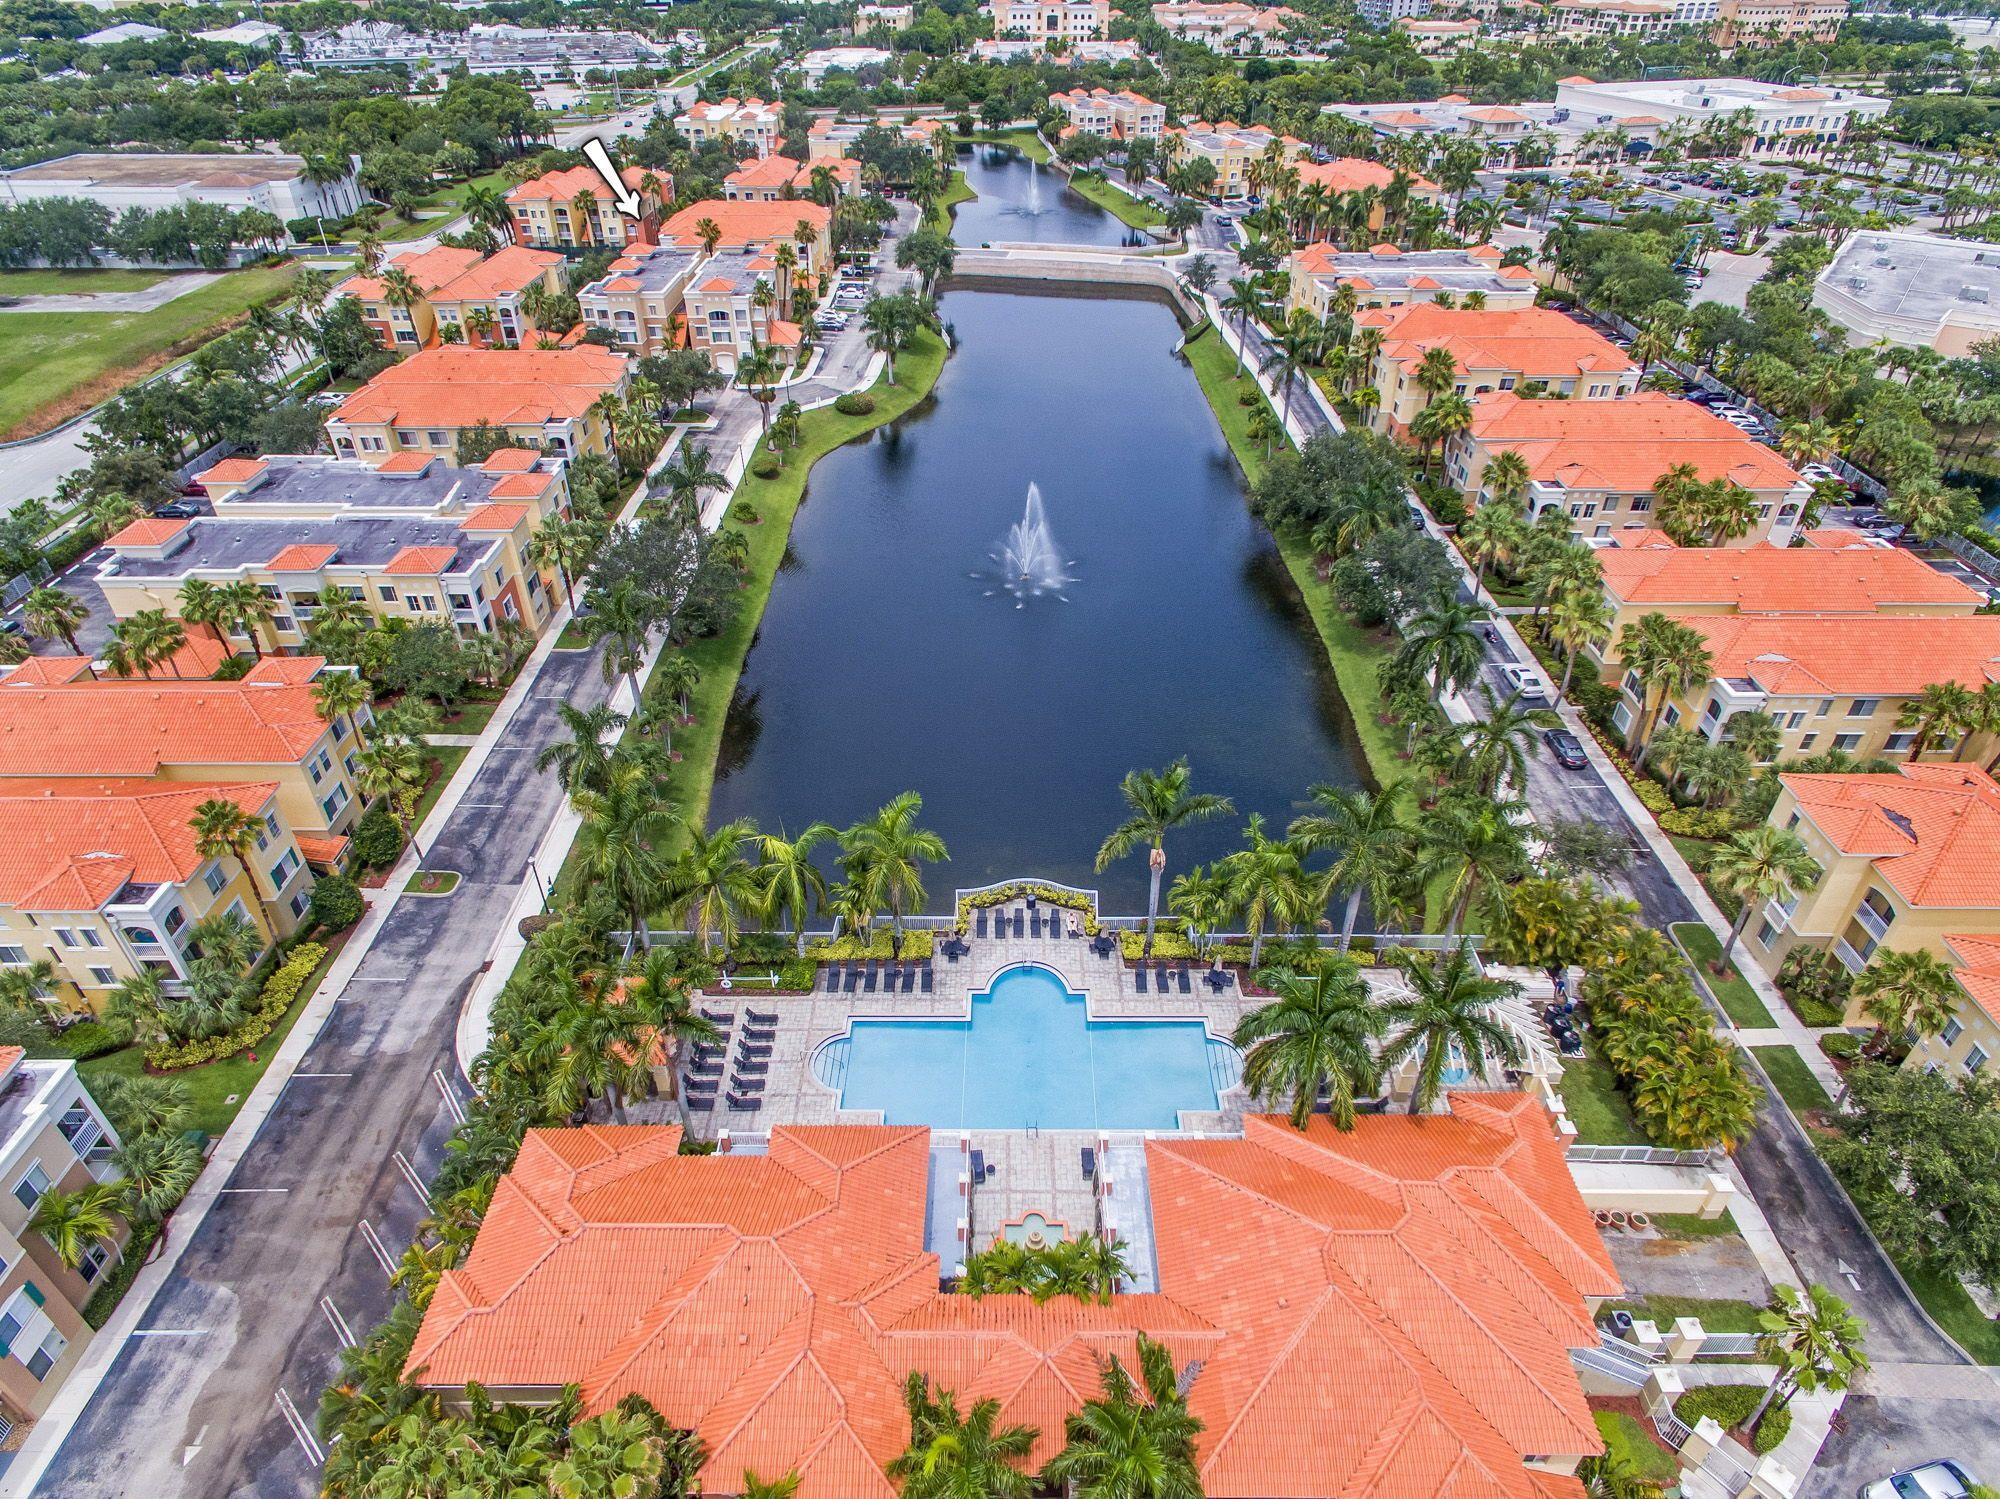 bde102d8716dd2a81975f265758f884c - Legacy Place Condominiums Palm Beach Gardens